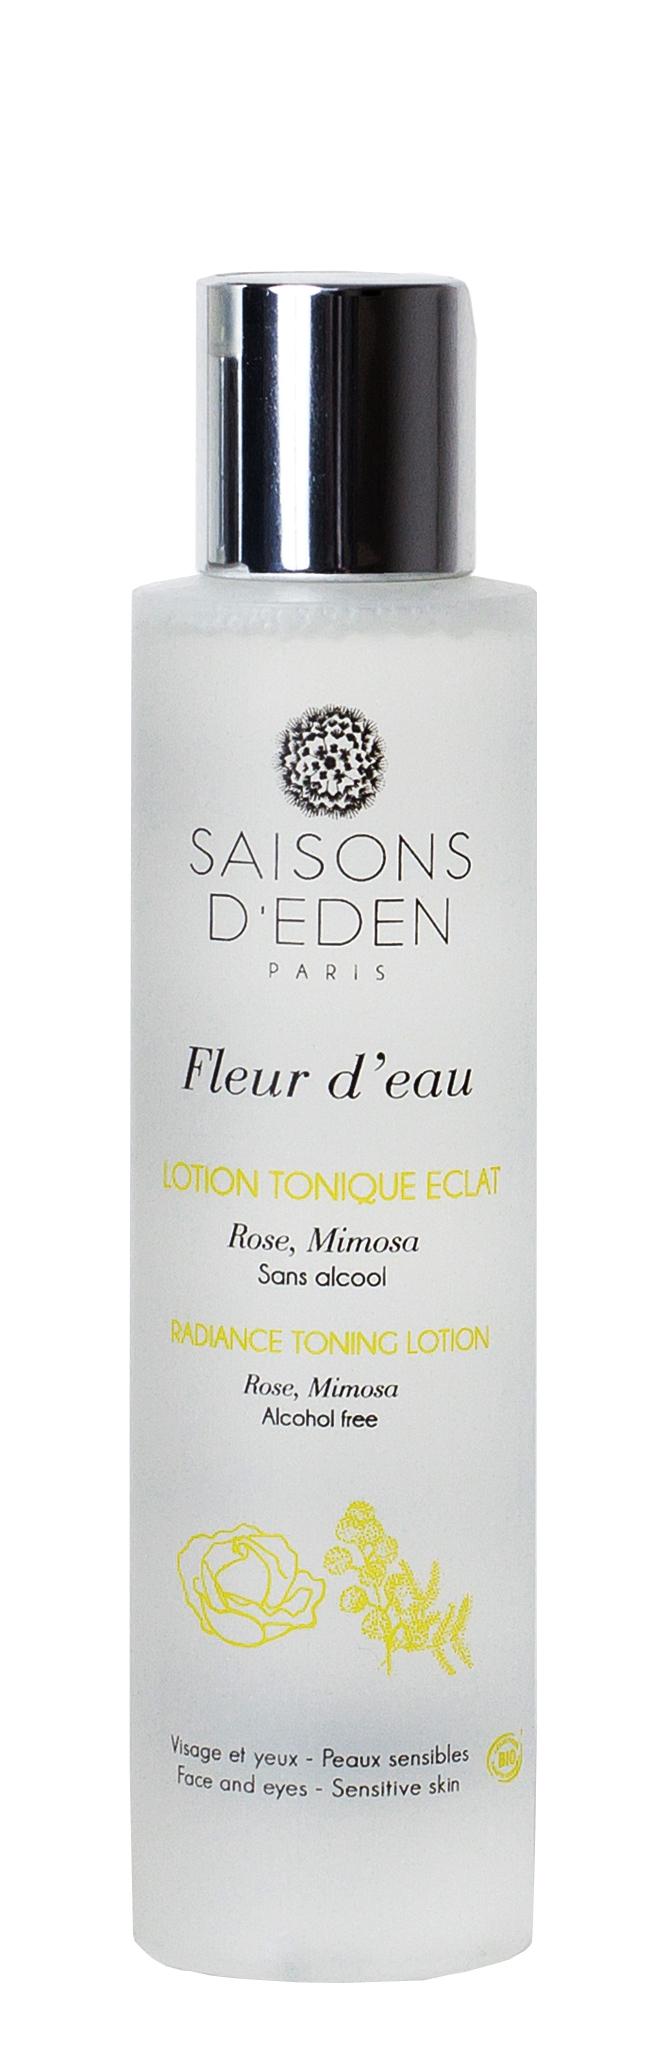 Saisons d'Eden - Fleur d'eau - Lotion Tonique